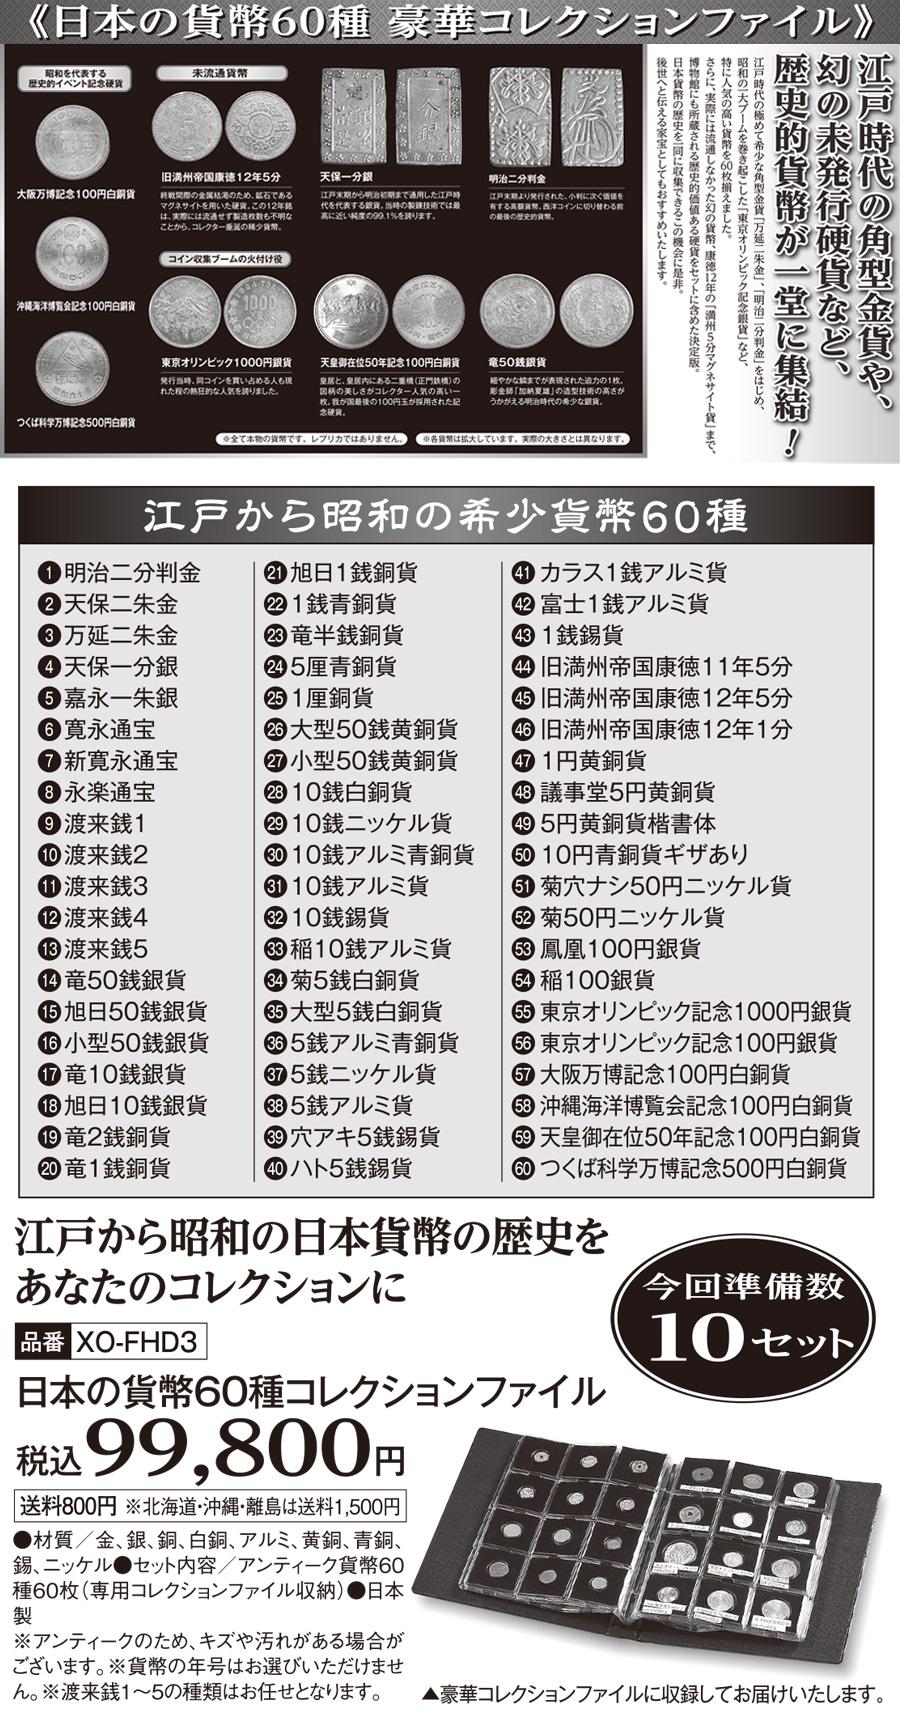 日本の貨幣60種 豪華コレクションファイル